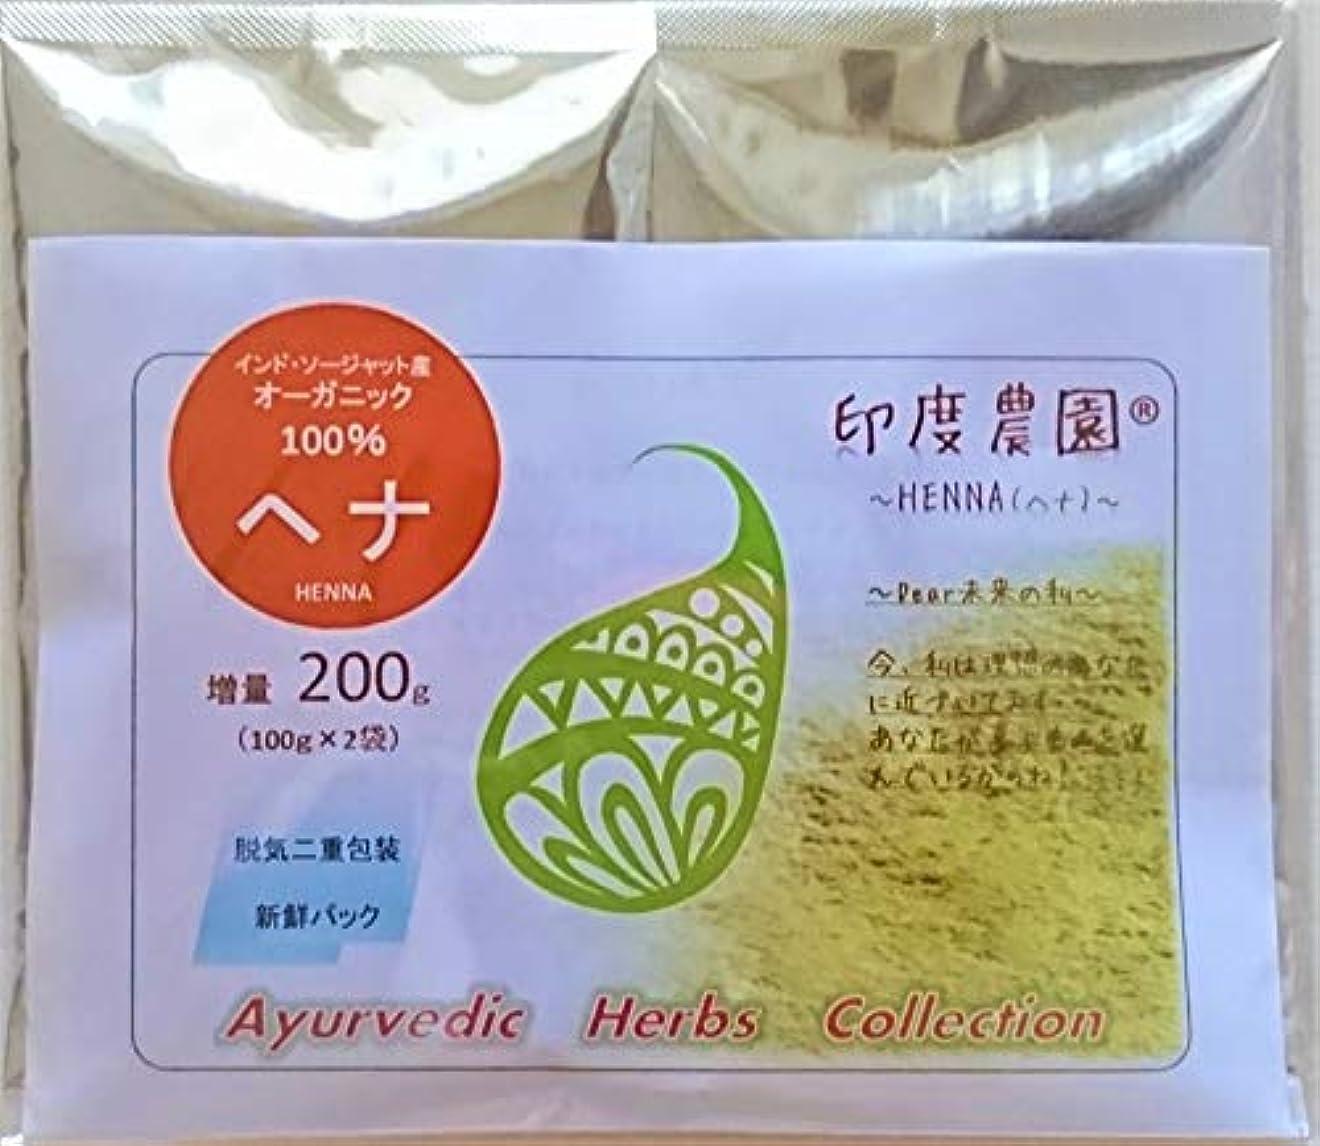 中国ドレインシャーロックホームズ印度(????)農園 100%オーガニックヘナ 200g(100g×2個)